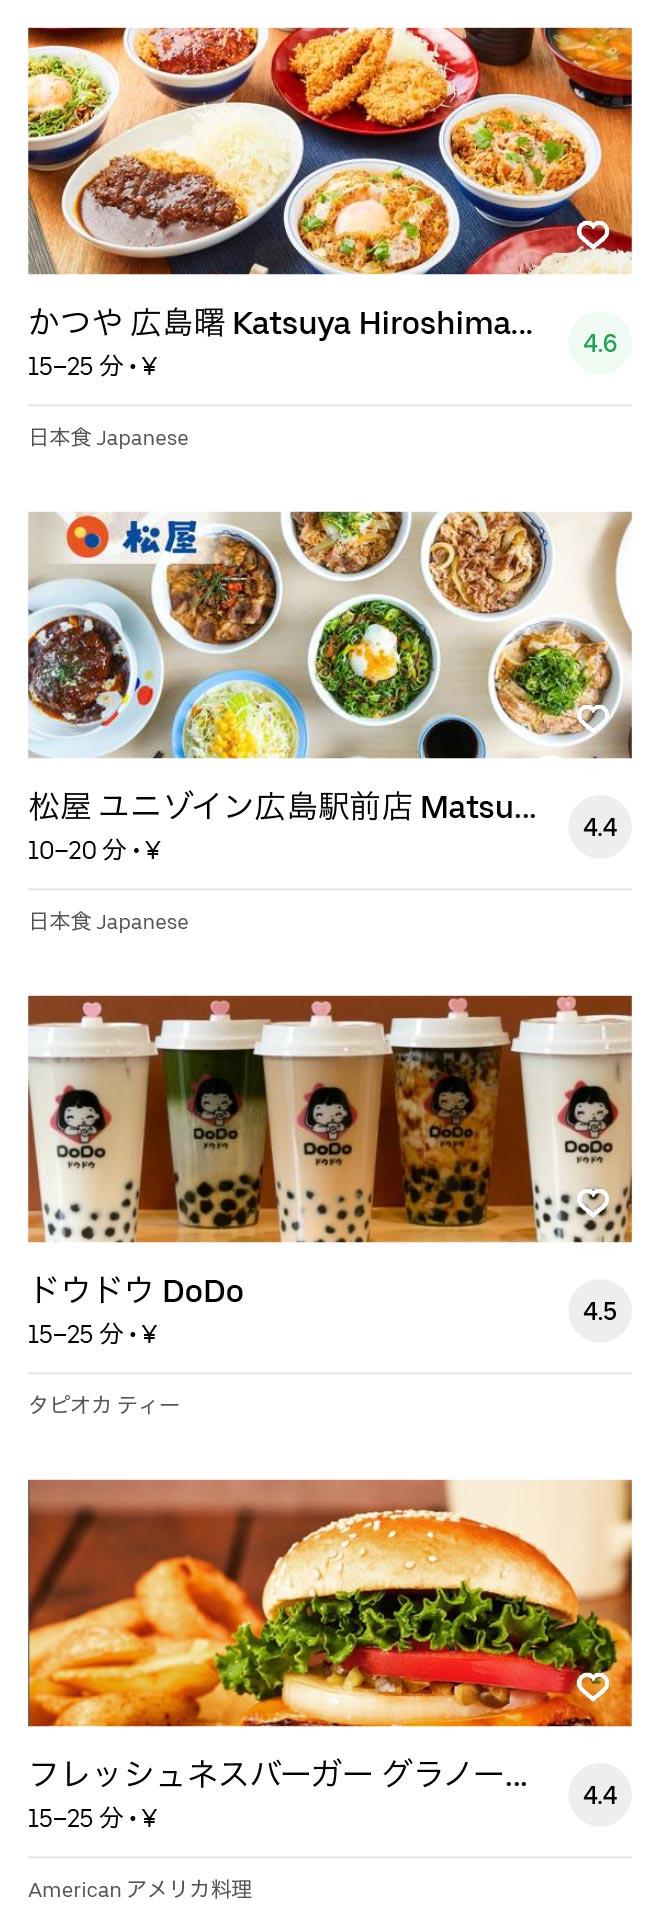 Hiroshima menu 2005 05